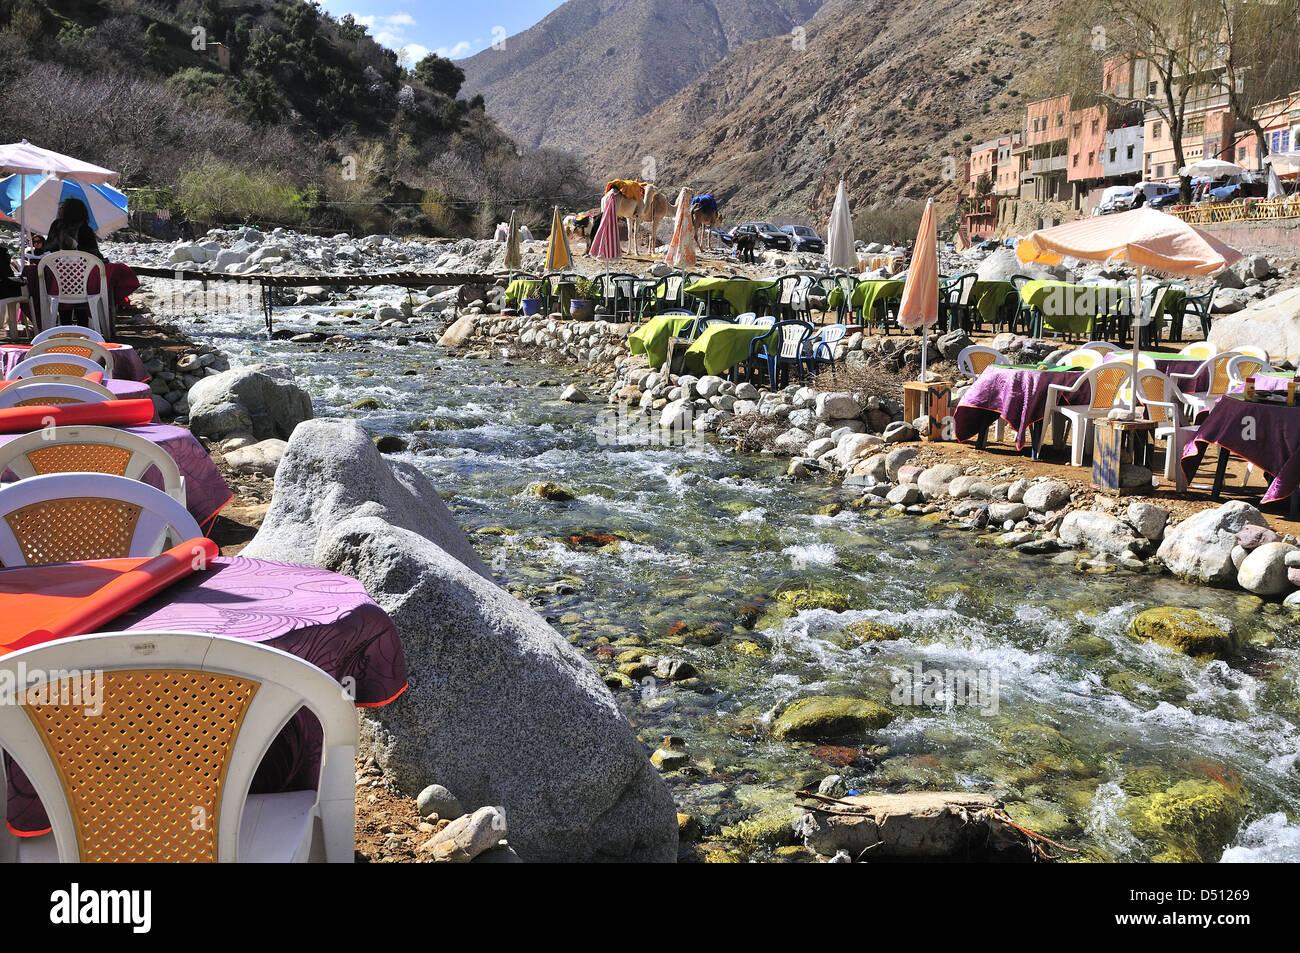 Cafés y restaurantes junto al río en el popular pueblo de Setti Fatma cerca de las Cascadas, Valle Ourika, Marruecos Foto de stock